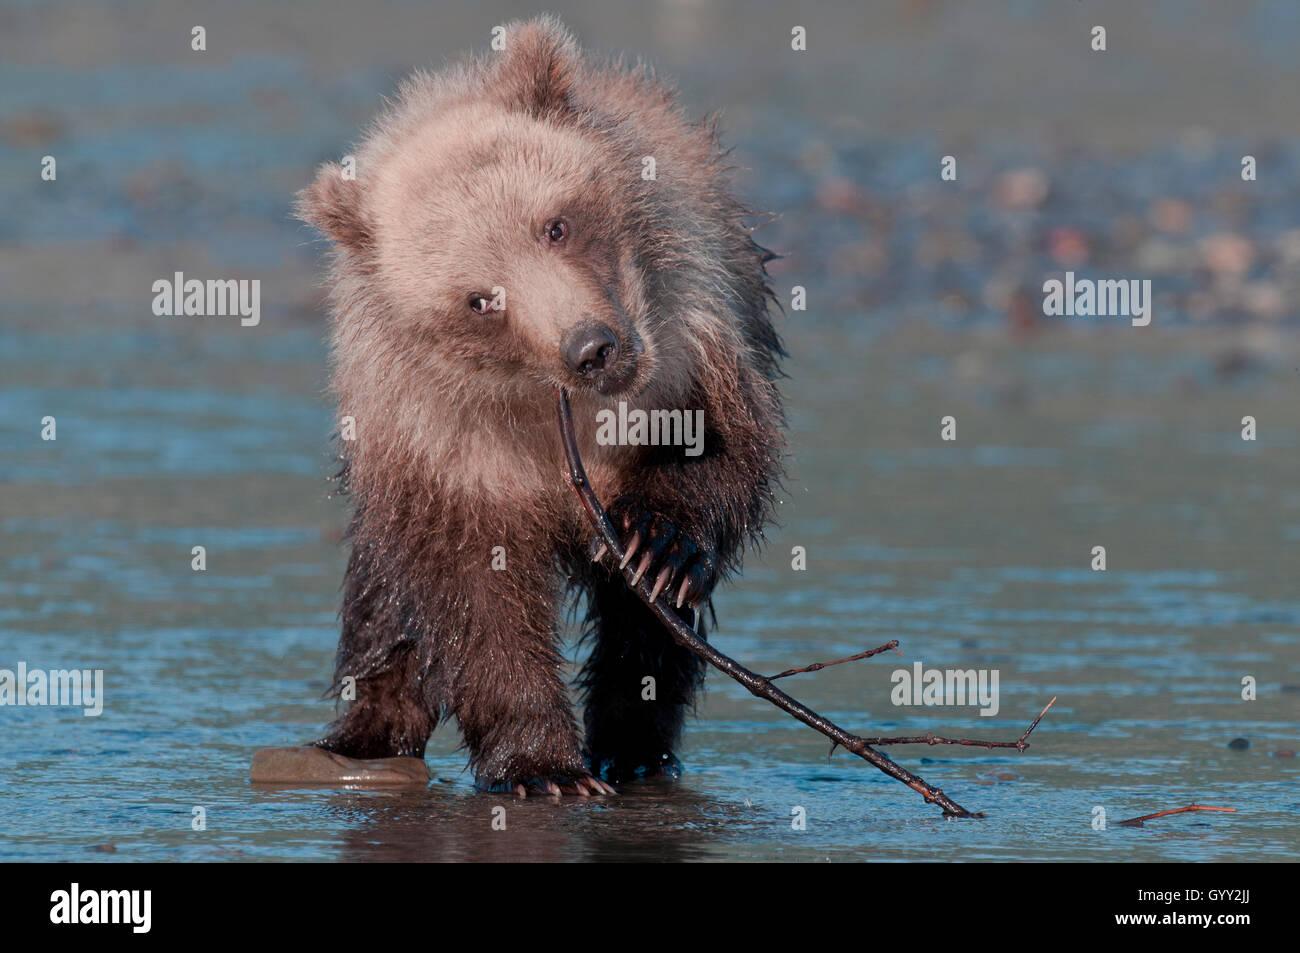 Brown bear cub (Ursus arctos) playing with stick in Lake Clark National Park, Alaska - Stock Image